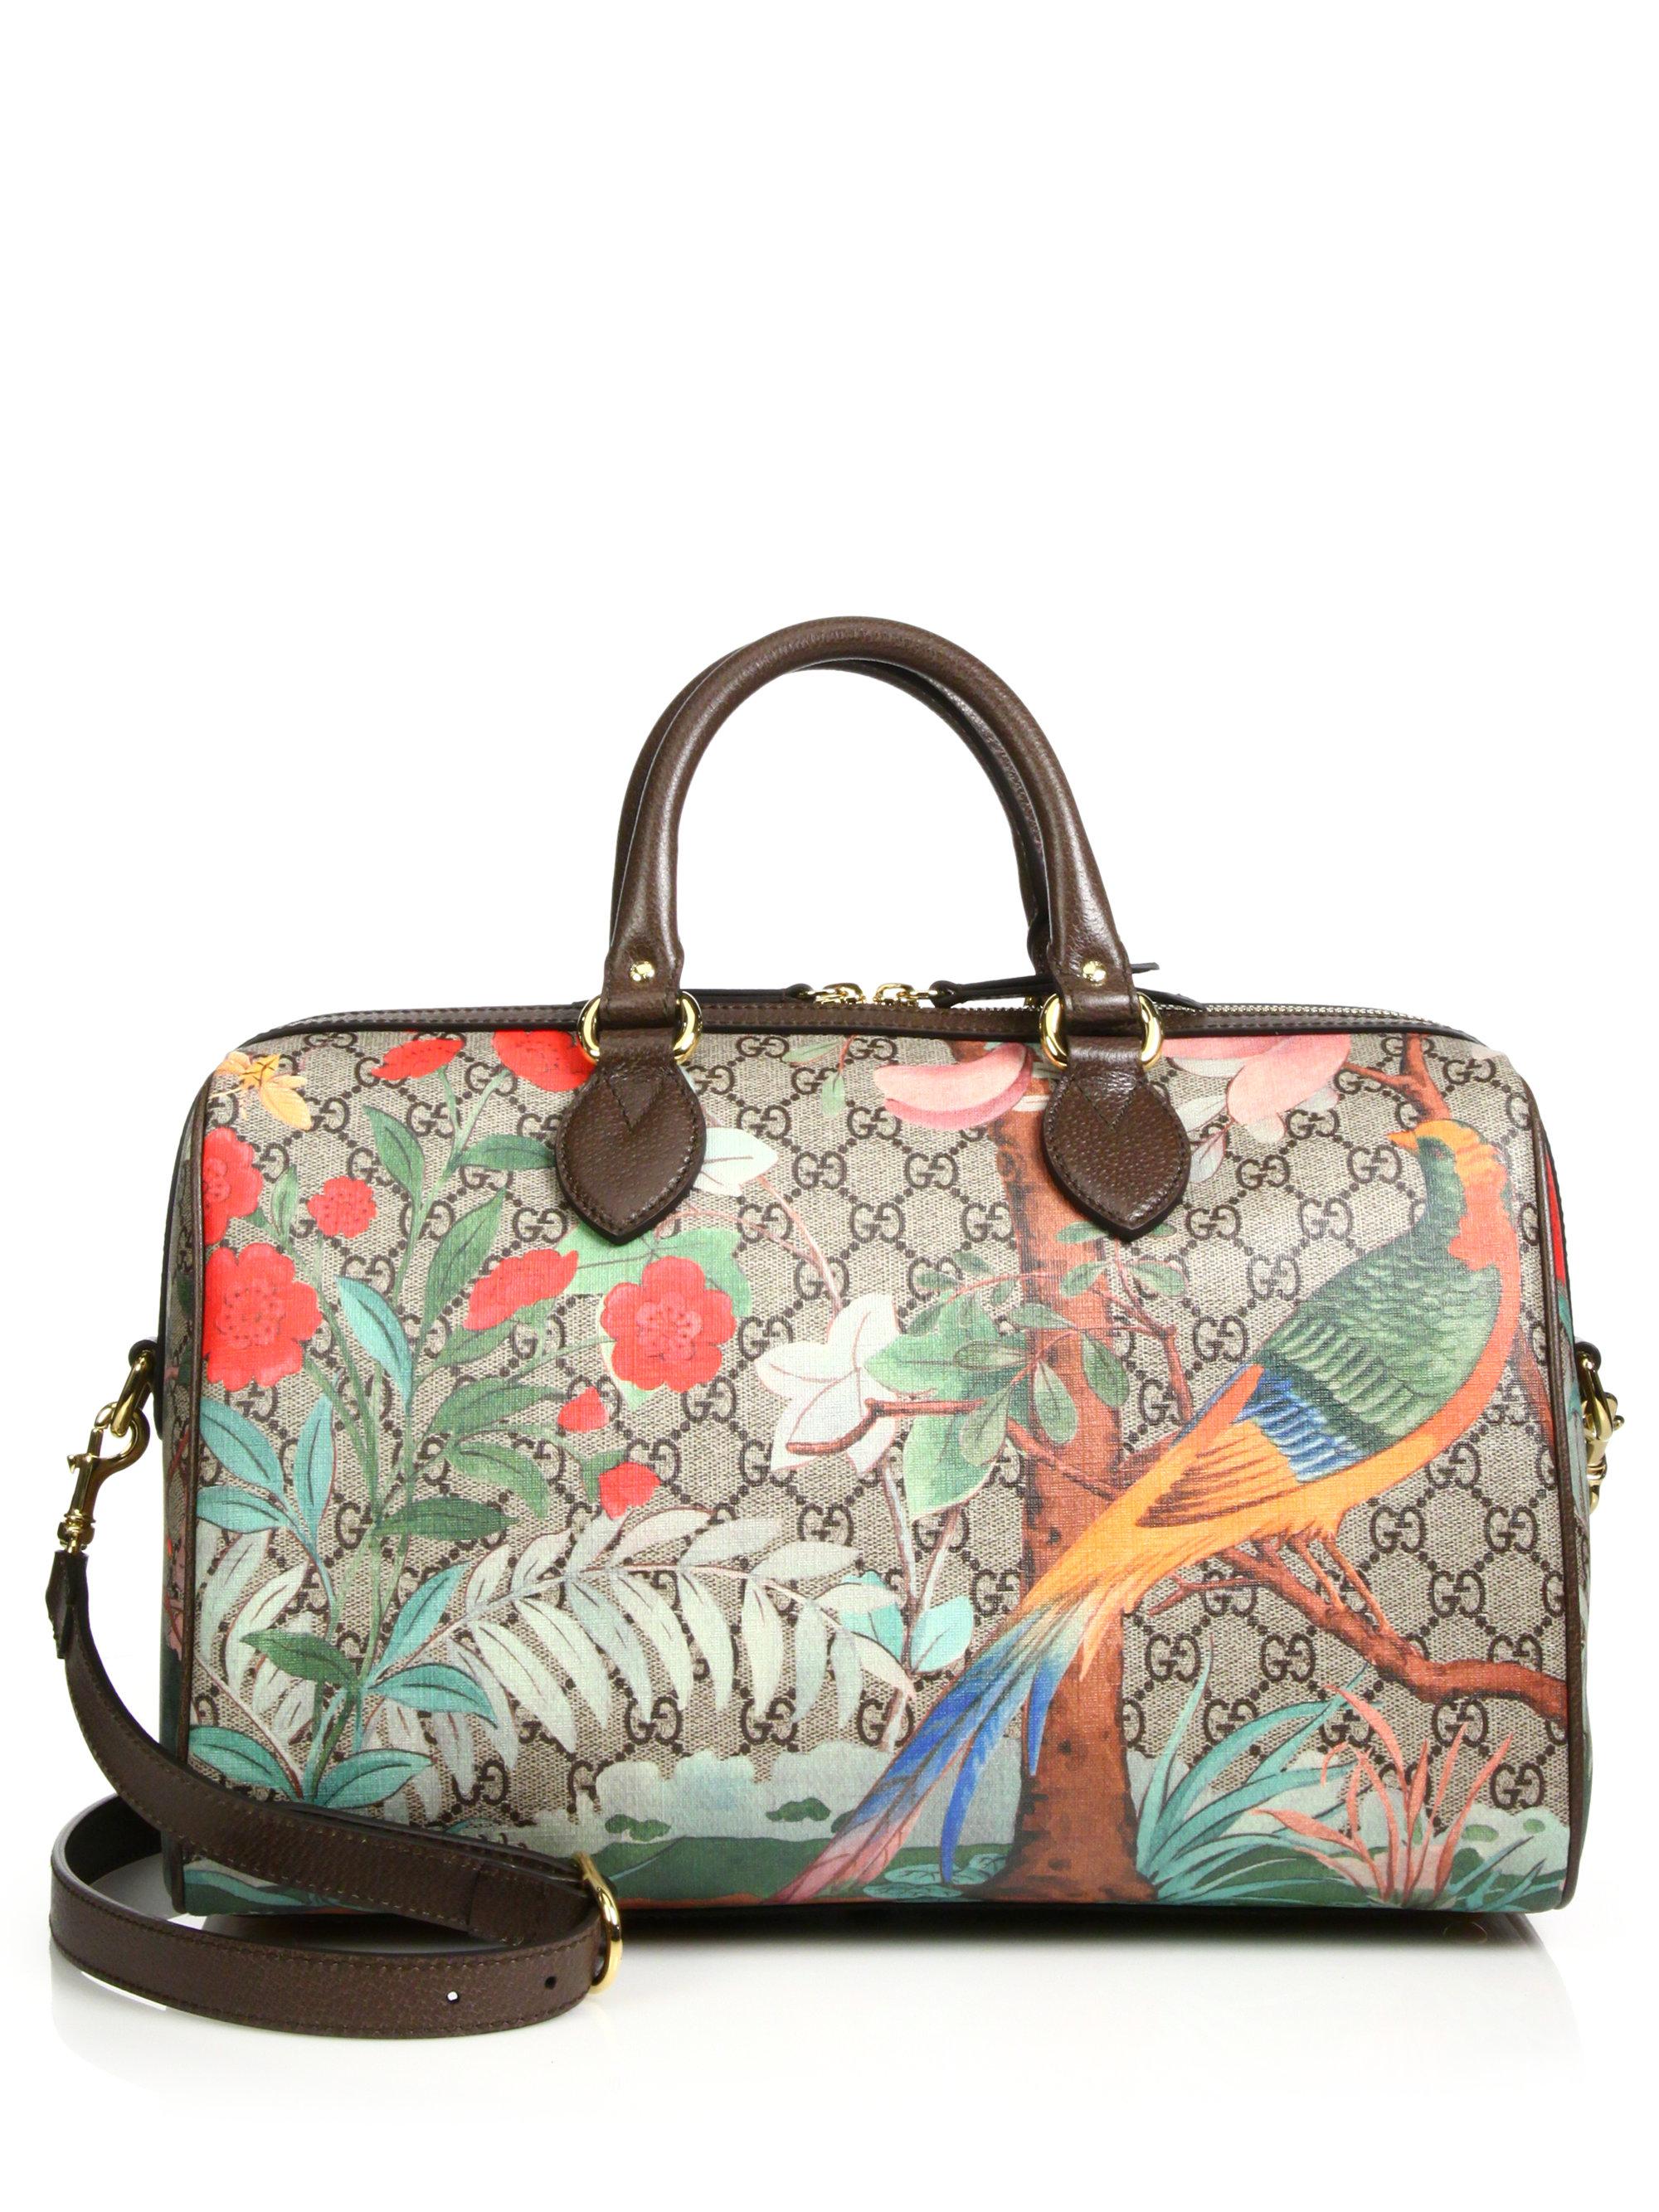 23397e02e58 Lyst - Gucci Tian Gg Supreme Top-handle Boston Bag